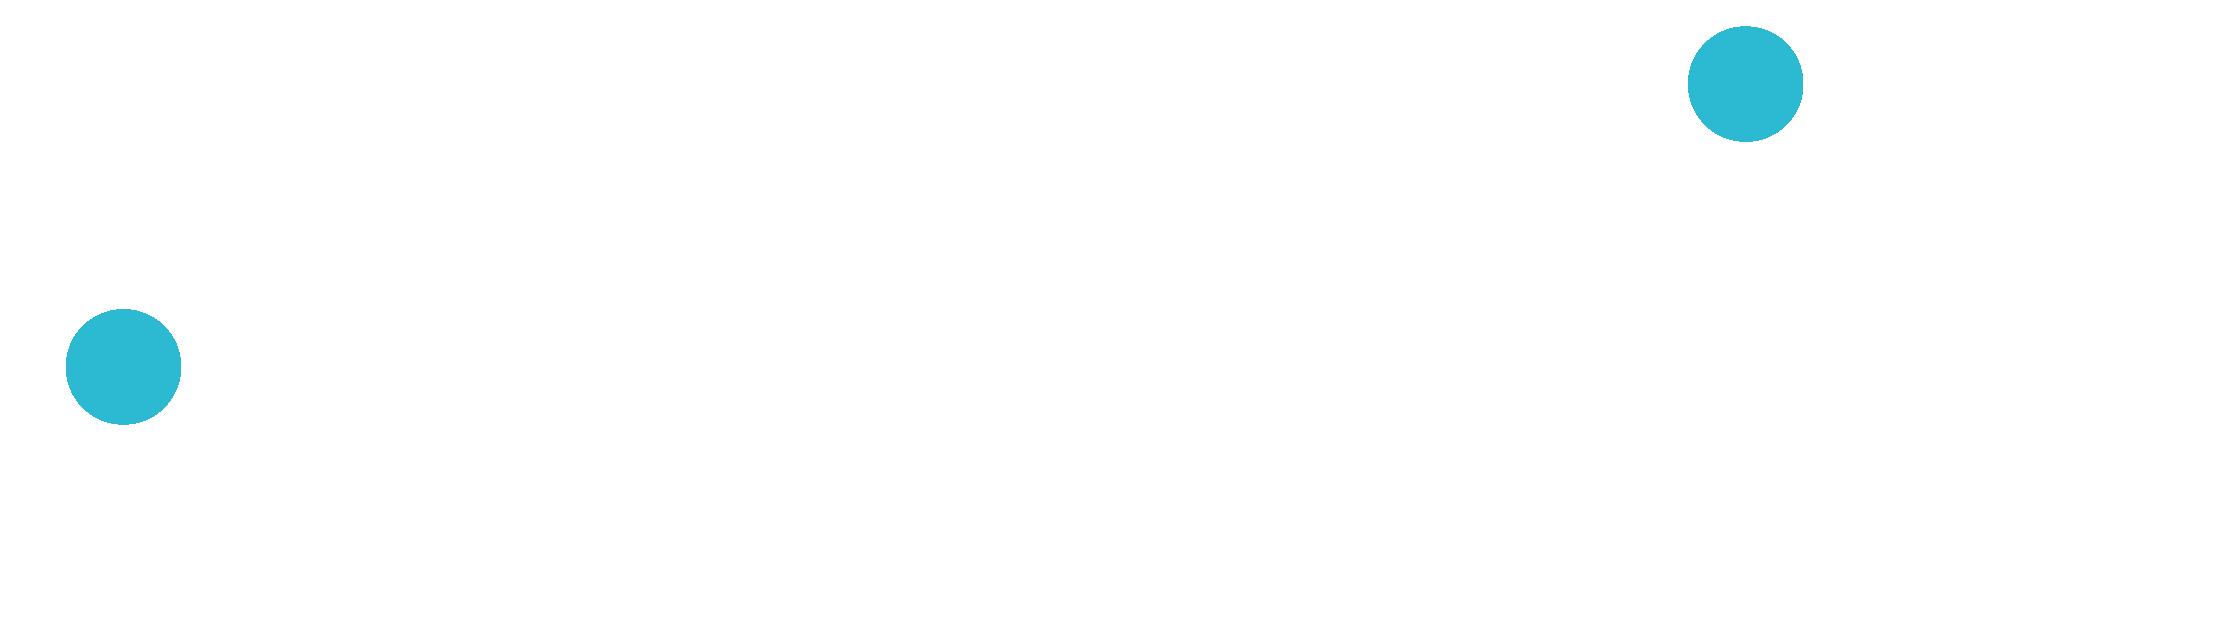 Orbalia